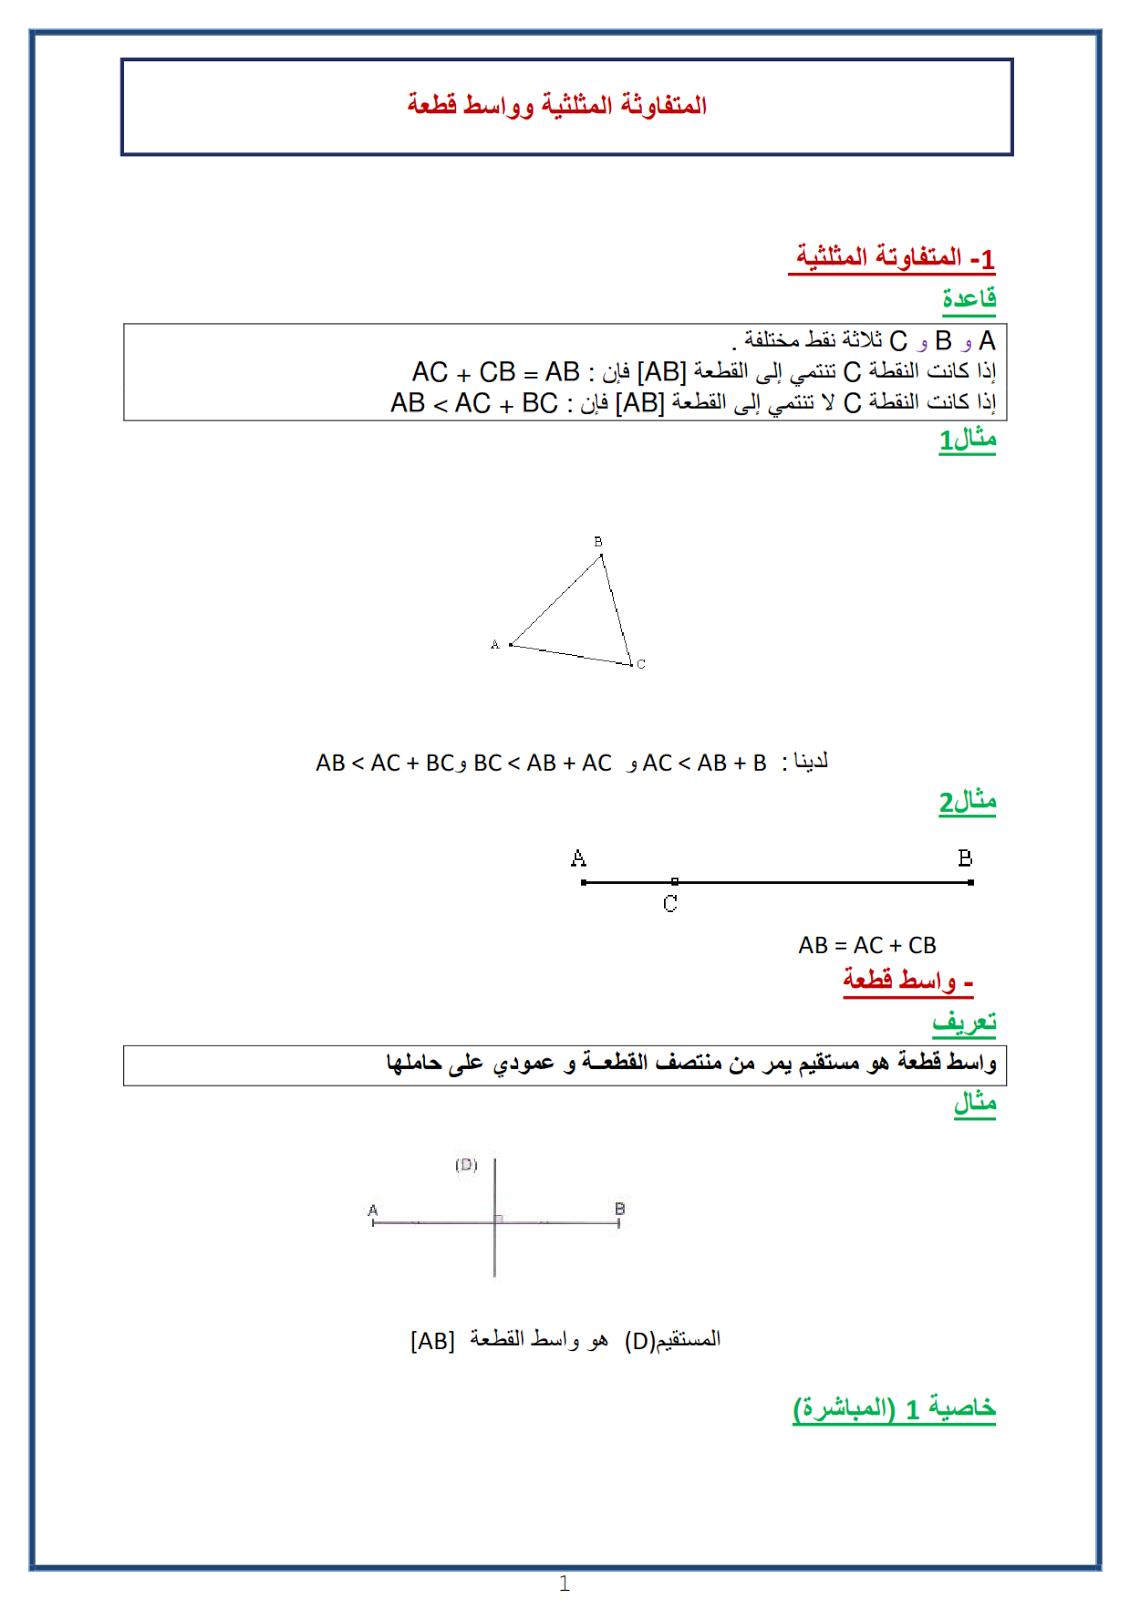 واسط قطعة و المتفاوتة المثلثية1